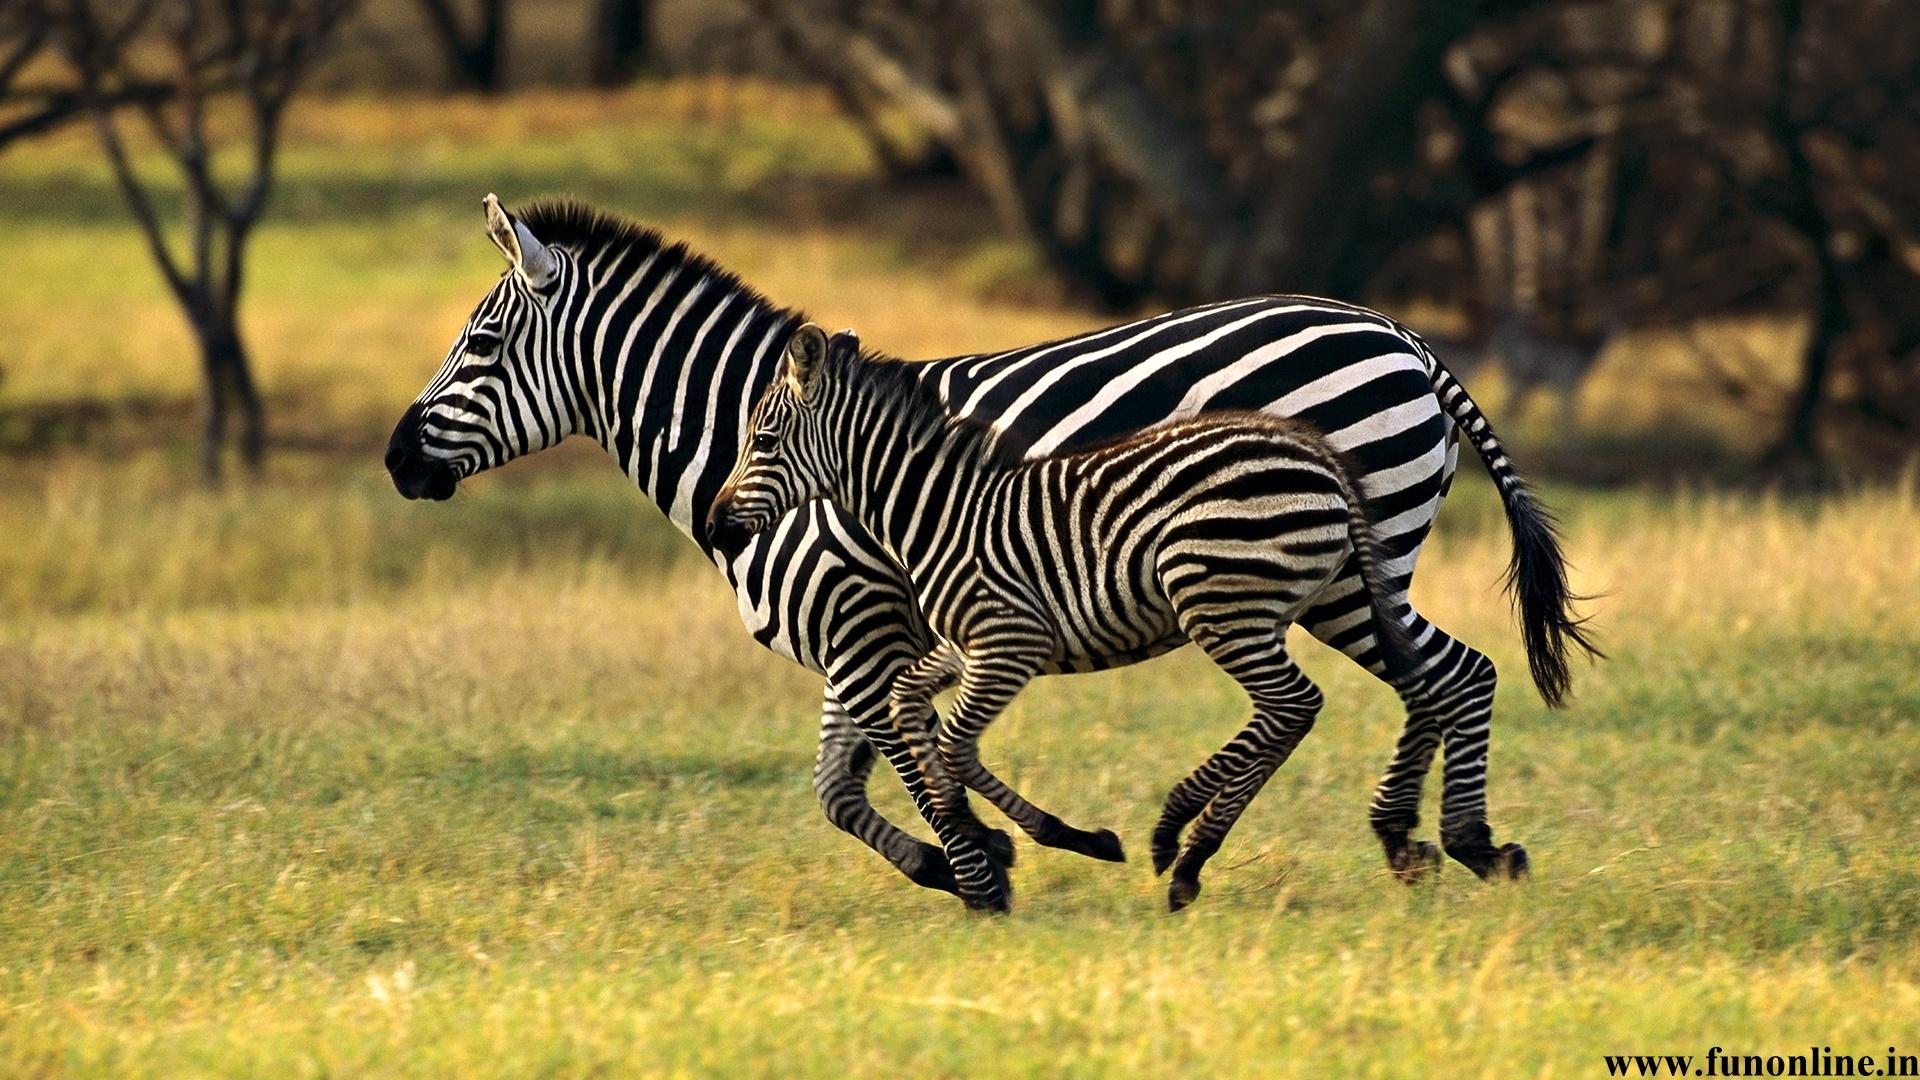 Baby zebras pixshark images galleries with a bite